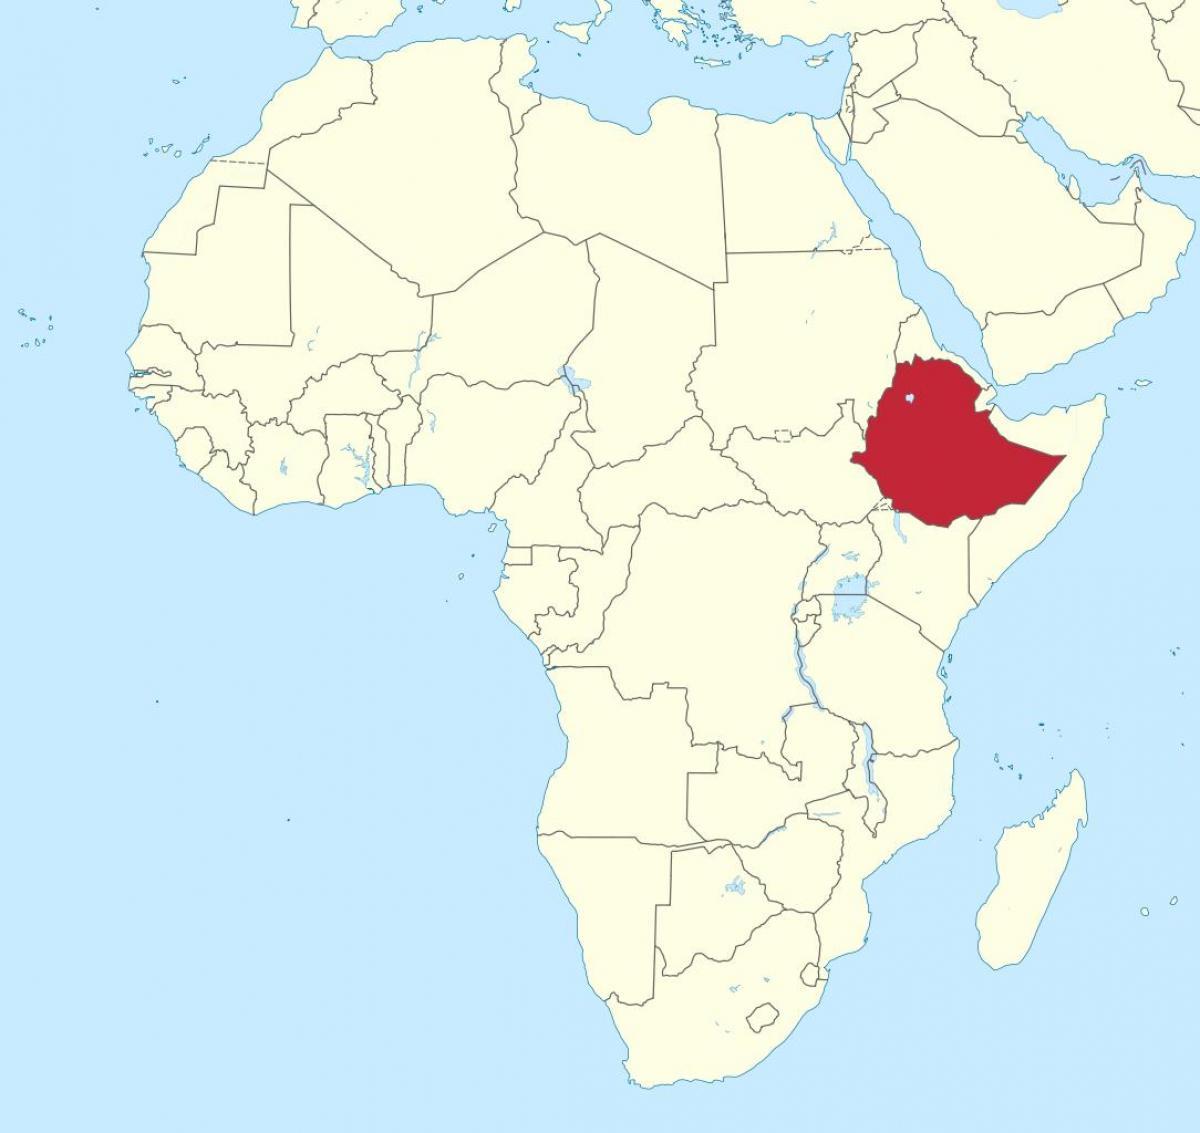 Cartina Dell Africa Orientale.Etiopia Africa Mappa Mappa Dell Africa Mostrando Etiopia